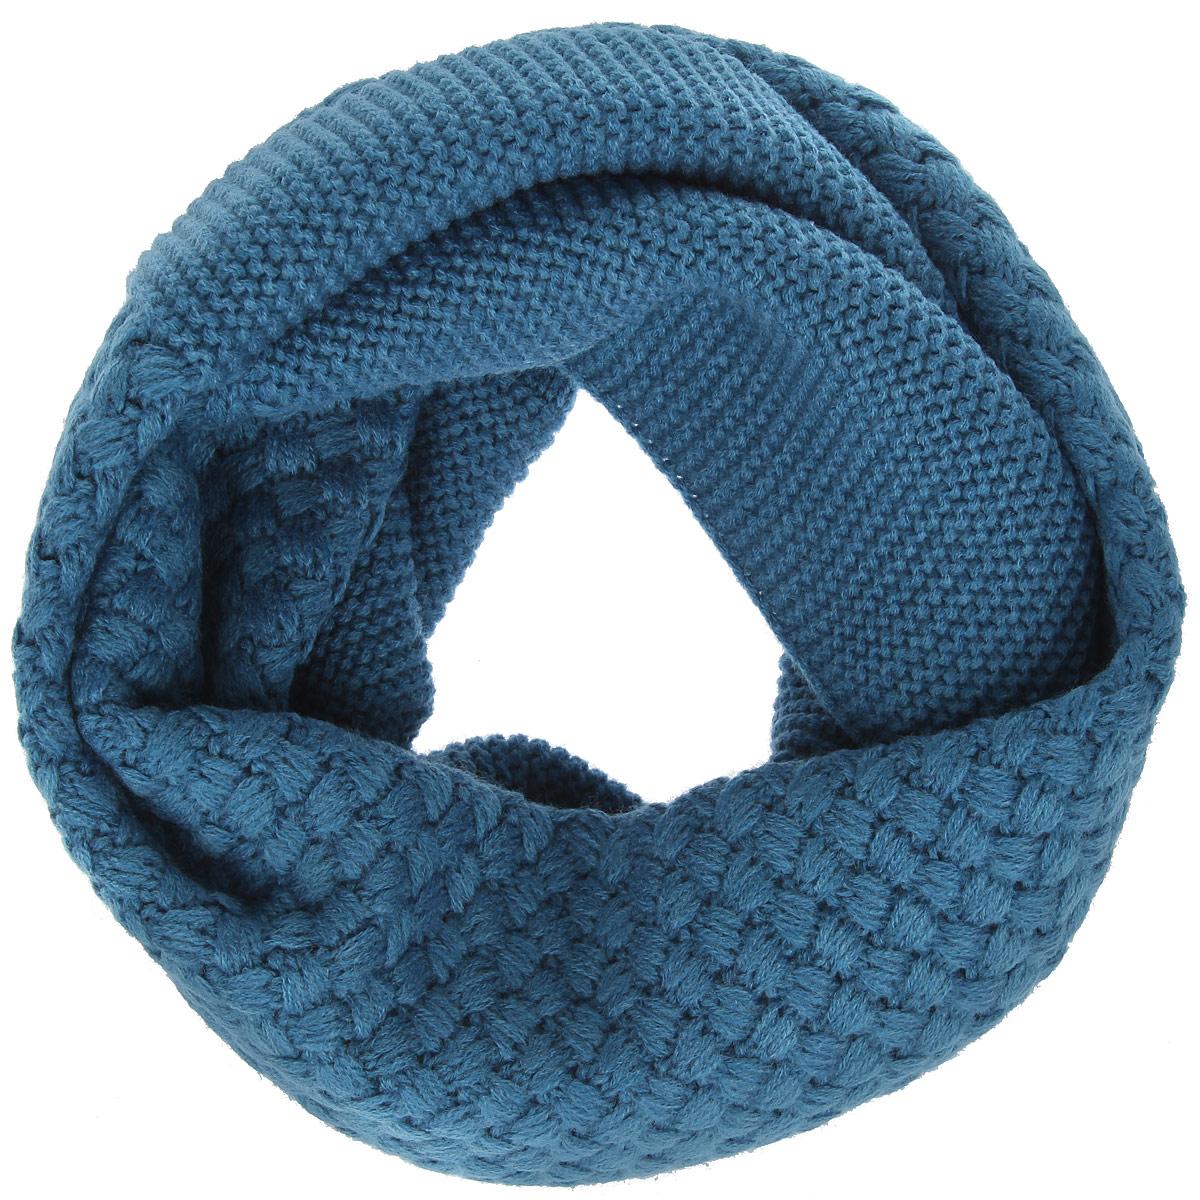 Снуд-хомут женский Eleganzza, цвет: темно-голубой. DB33-6403-12. Размер 32 см х 130 смDB33-6403-12Женский вязаный снуд-хомут Eleganzza станет отличным дополнением к гардеробу в холодную погоду. Изготовленный из высококачественной пряжи с содержанием шерсти и вискозы, он необычайно мягкий и приятный на ощупь, максимально сохраняет тепло.Изделие представляет собой объемный шарф, связанный по кругу. Модель оформлена вязаным узором. Модный аксессуар гармонично дополнит образ современной женщины, следящей за своим имиджем и стремящейся всегда оставаться стильной.